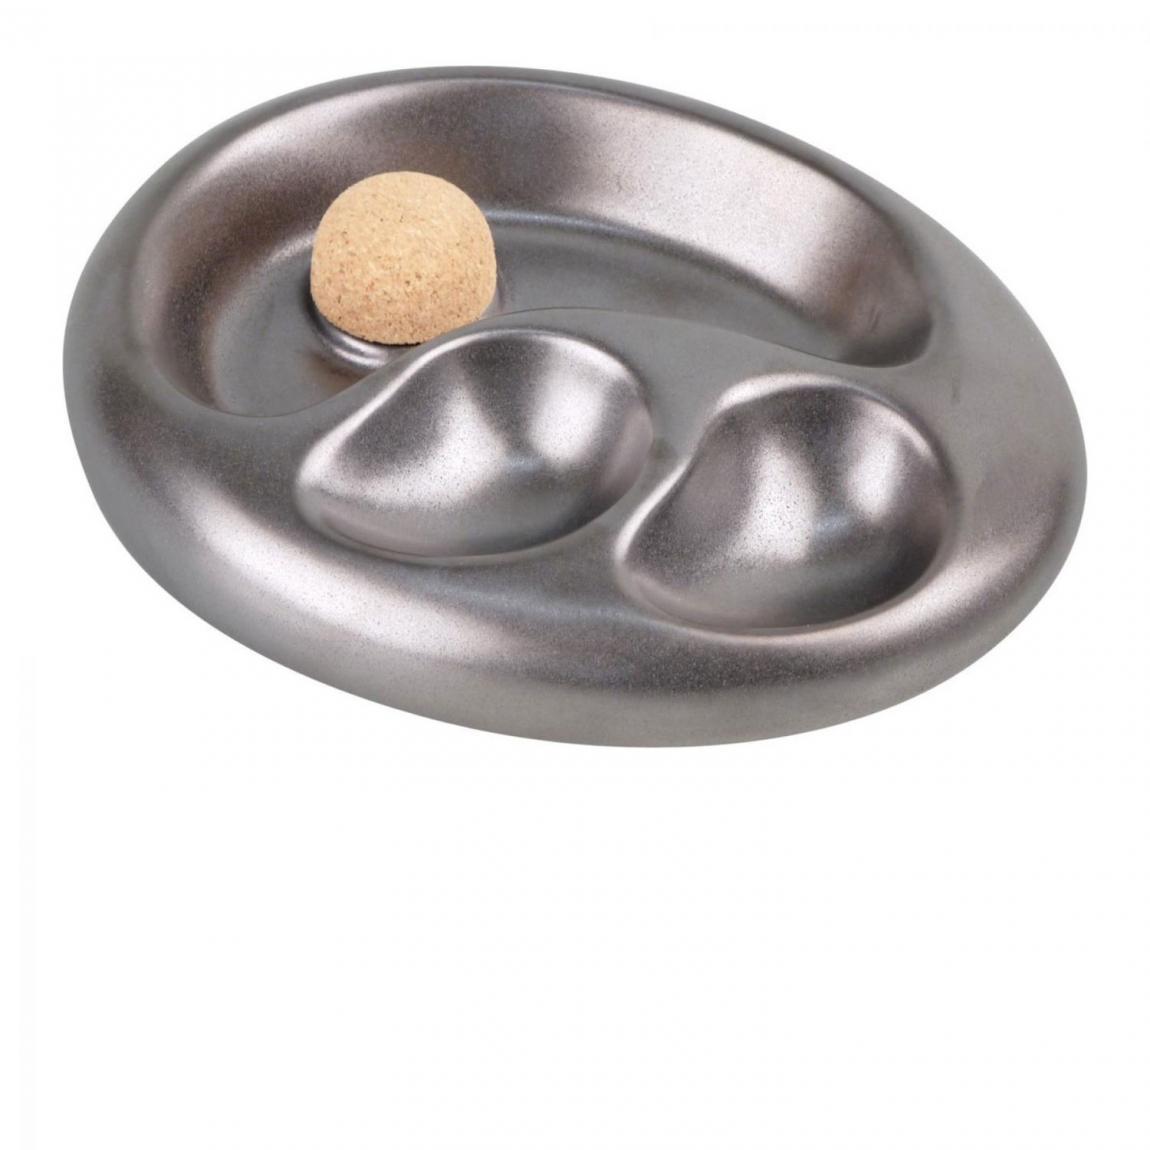 Pfeifenascher mit mattsilbern glasierter Keramik, oval